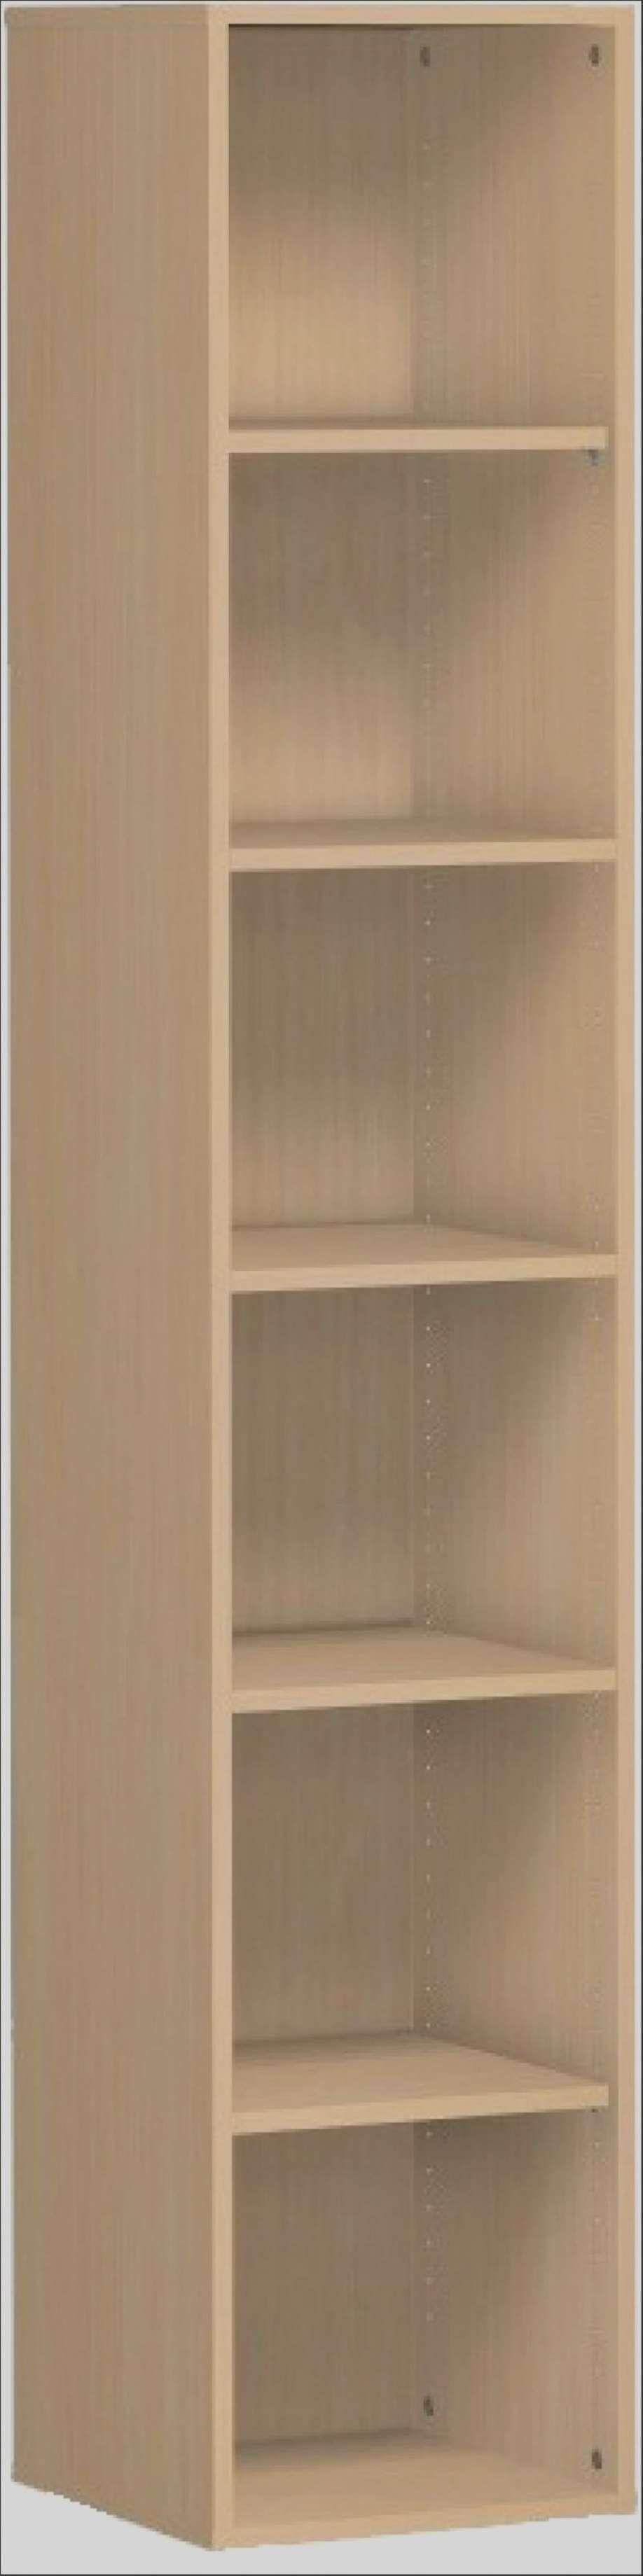 Schuhschrank Lastilla Aus Wildeiche Bianco 80 Cm Wohnen De